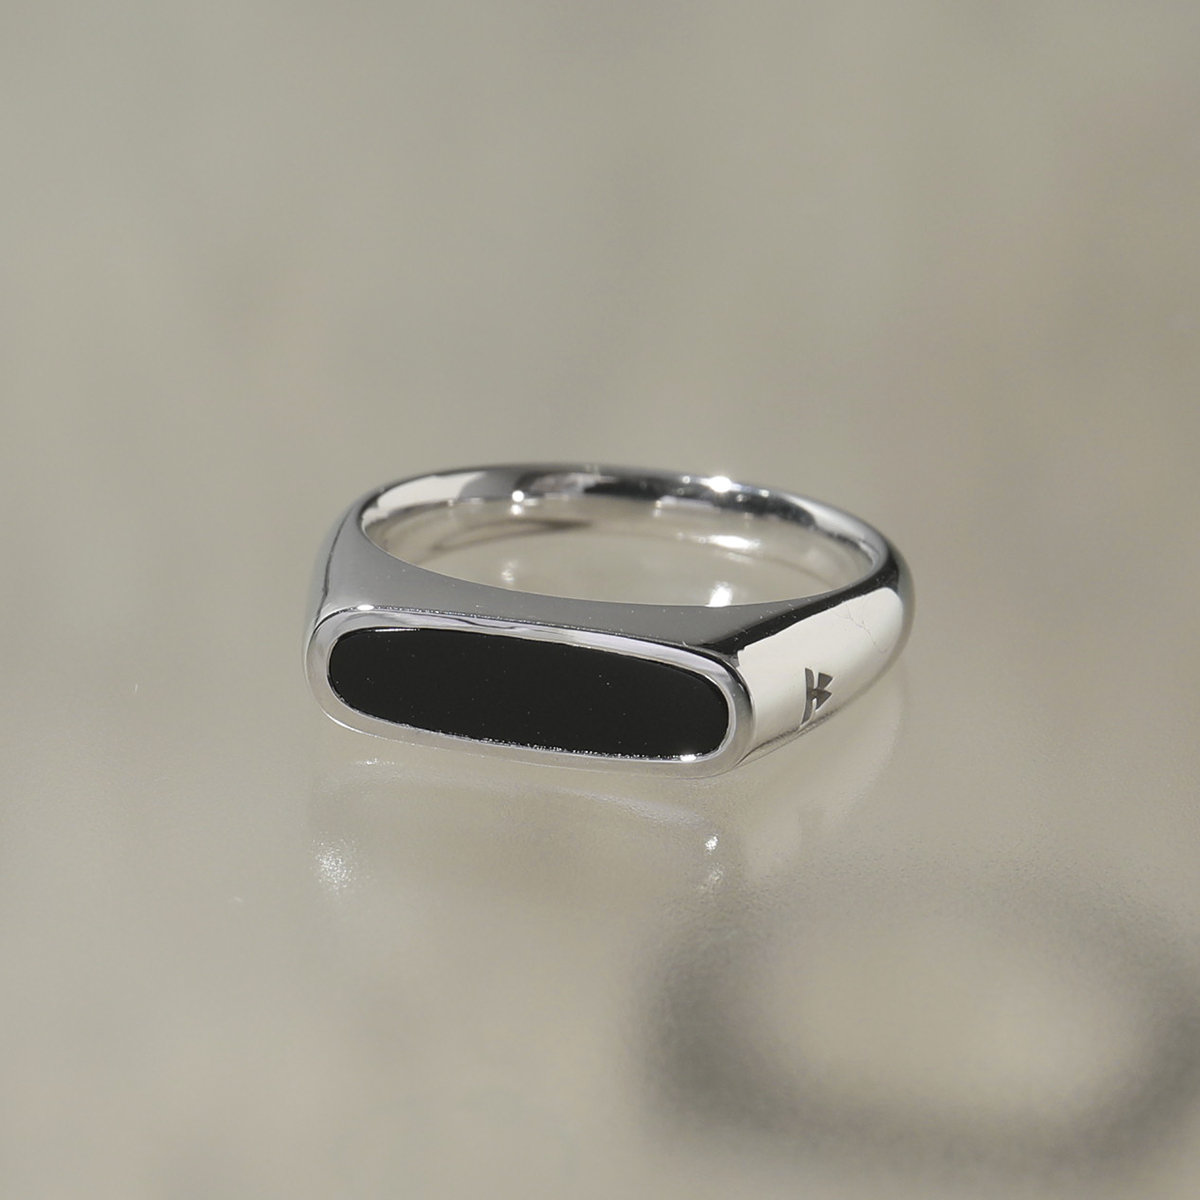 TOMWOOD トムウッド R75SBBOM 01 Mario Ring Onyx シルバー925 マリオ リング 指輪 SILVER レディース